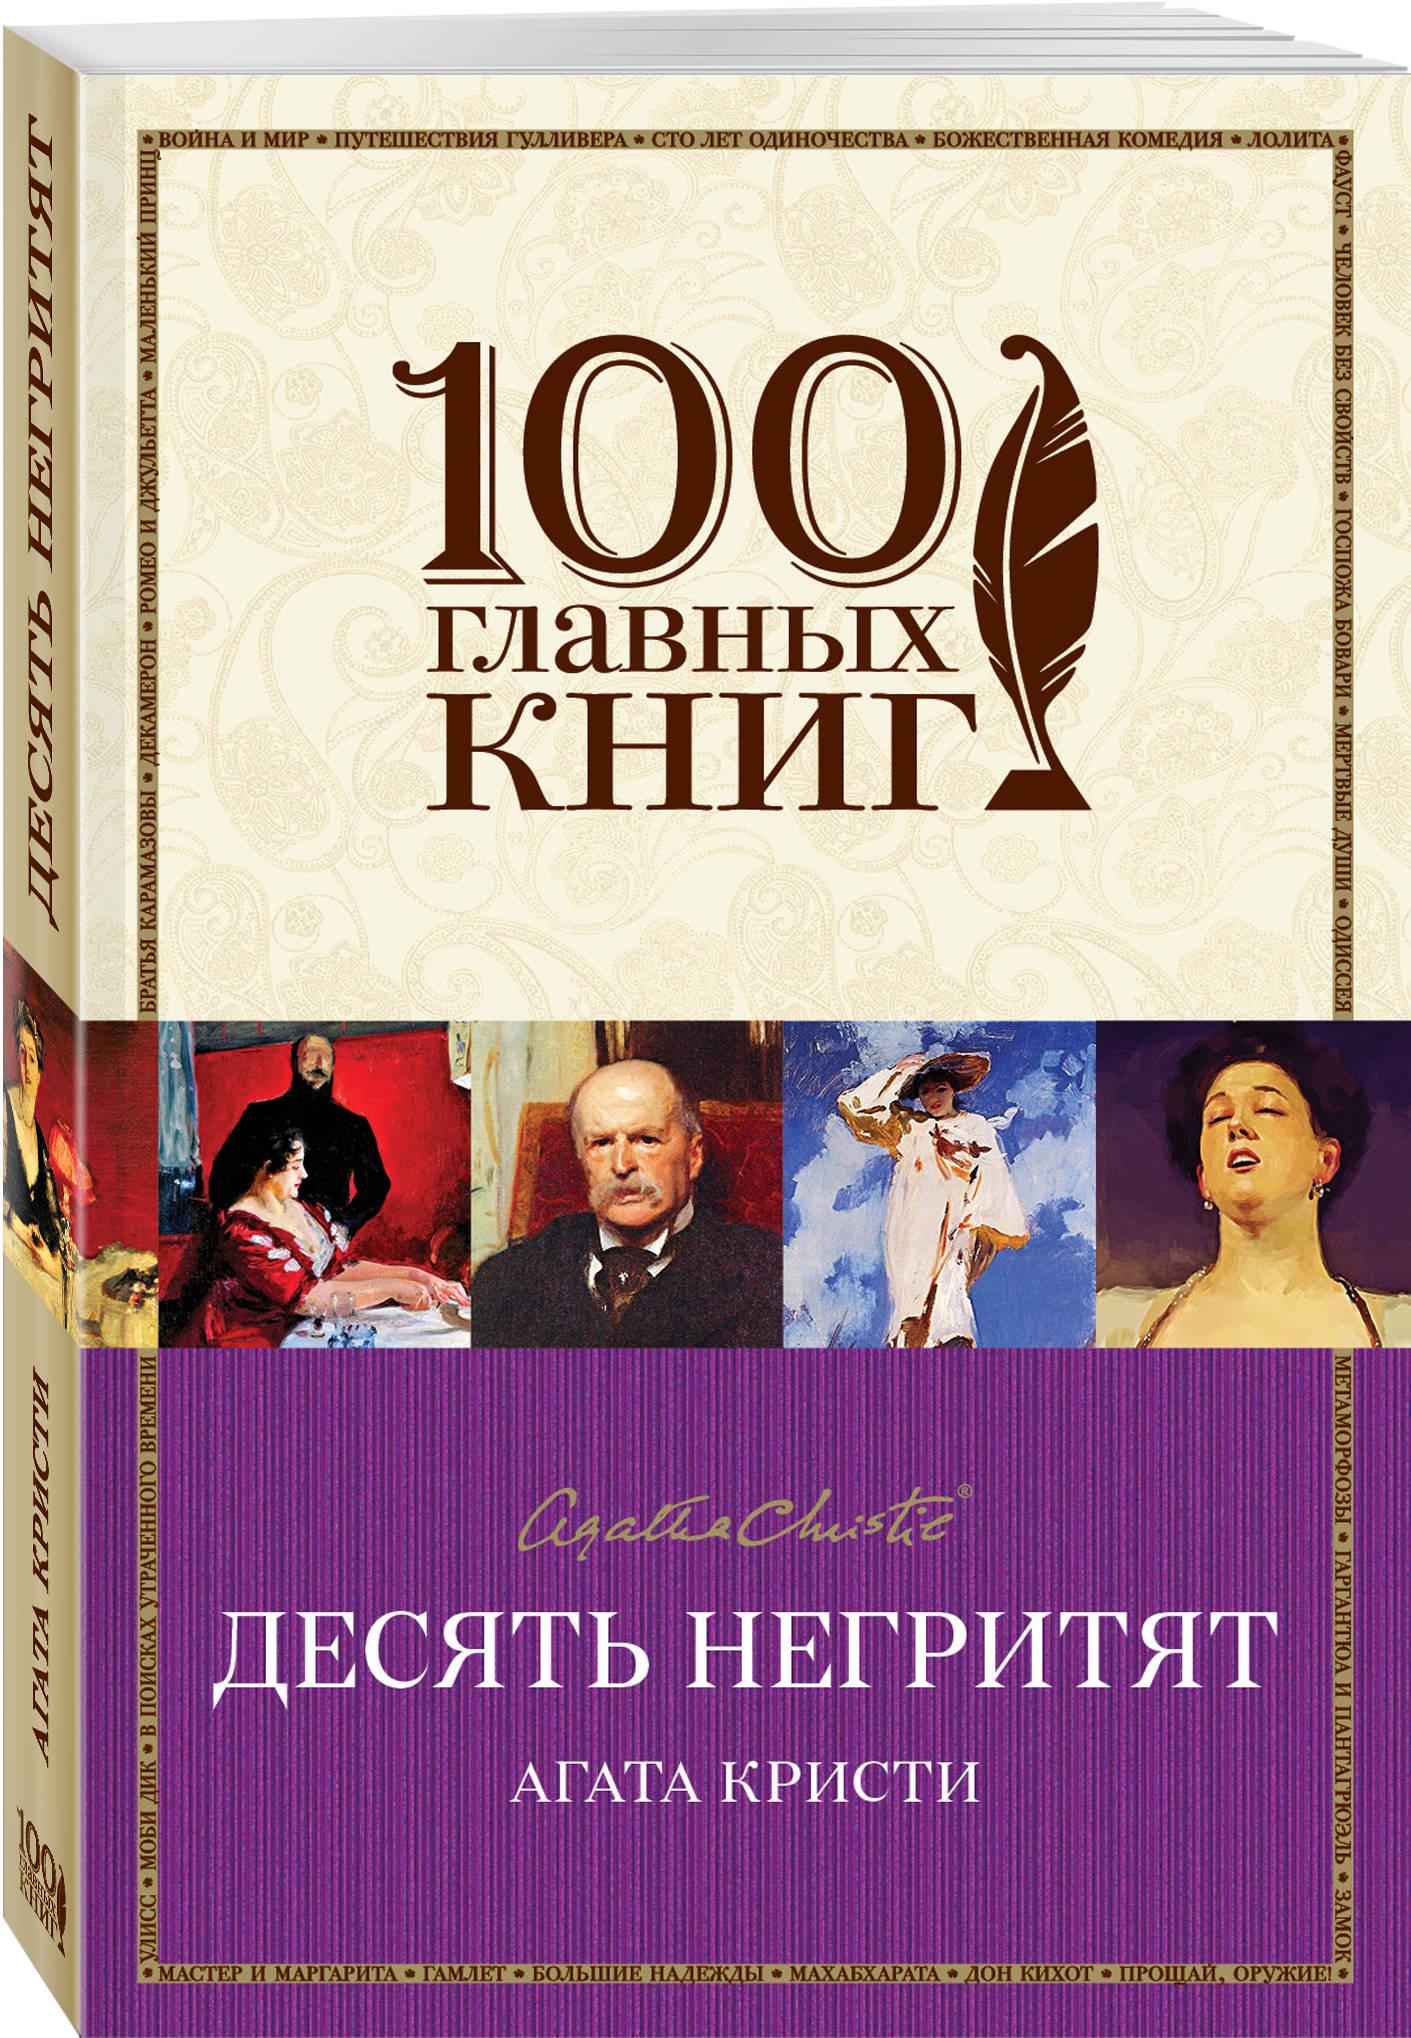 Кристи А. Десять негритят ISBN: 978-5-699-87981-6